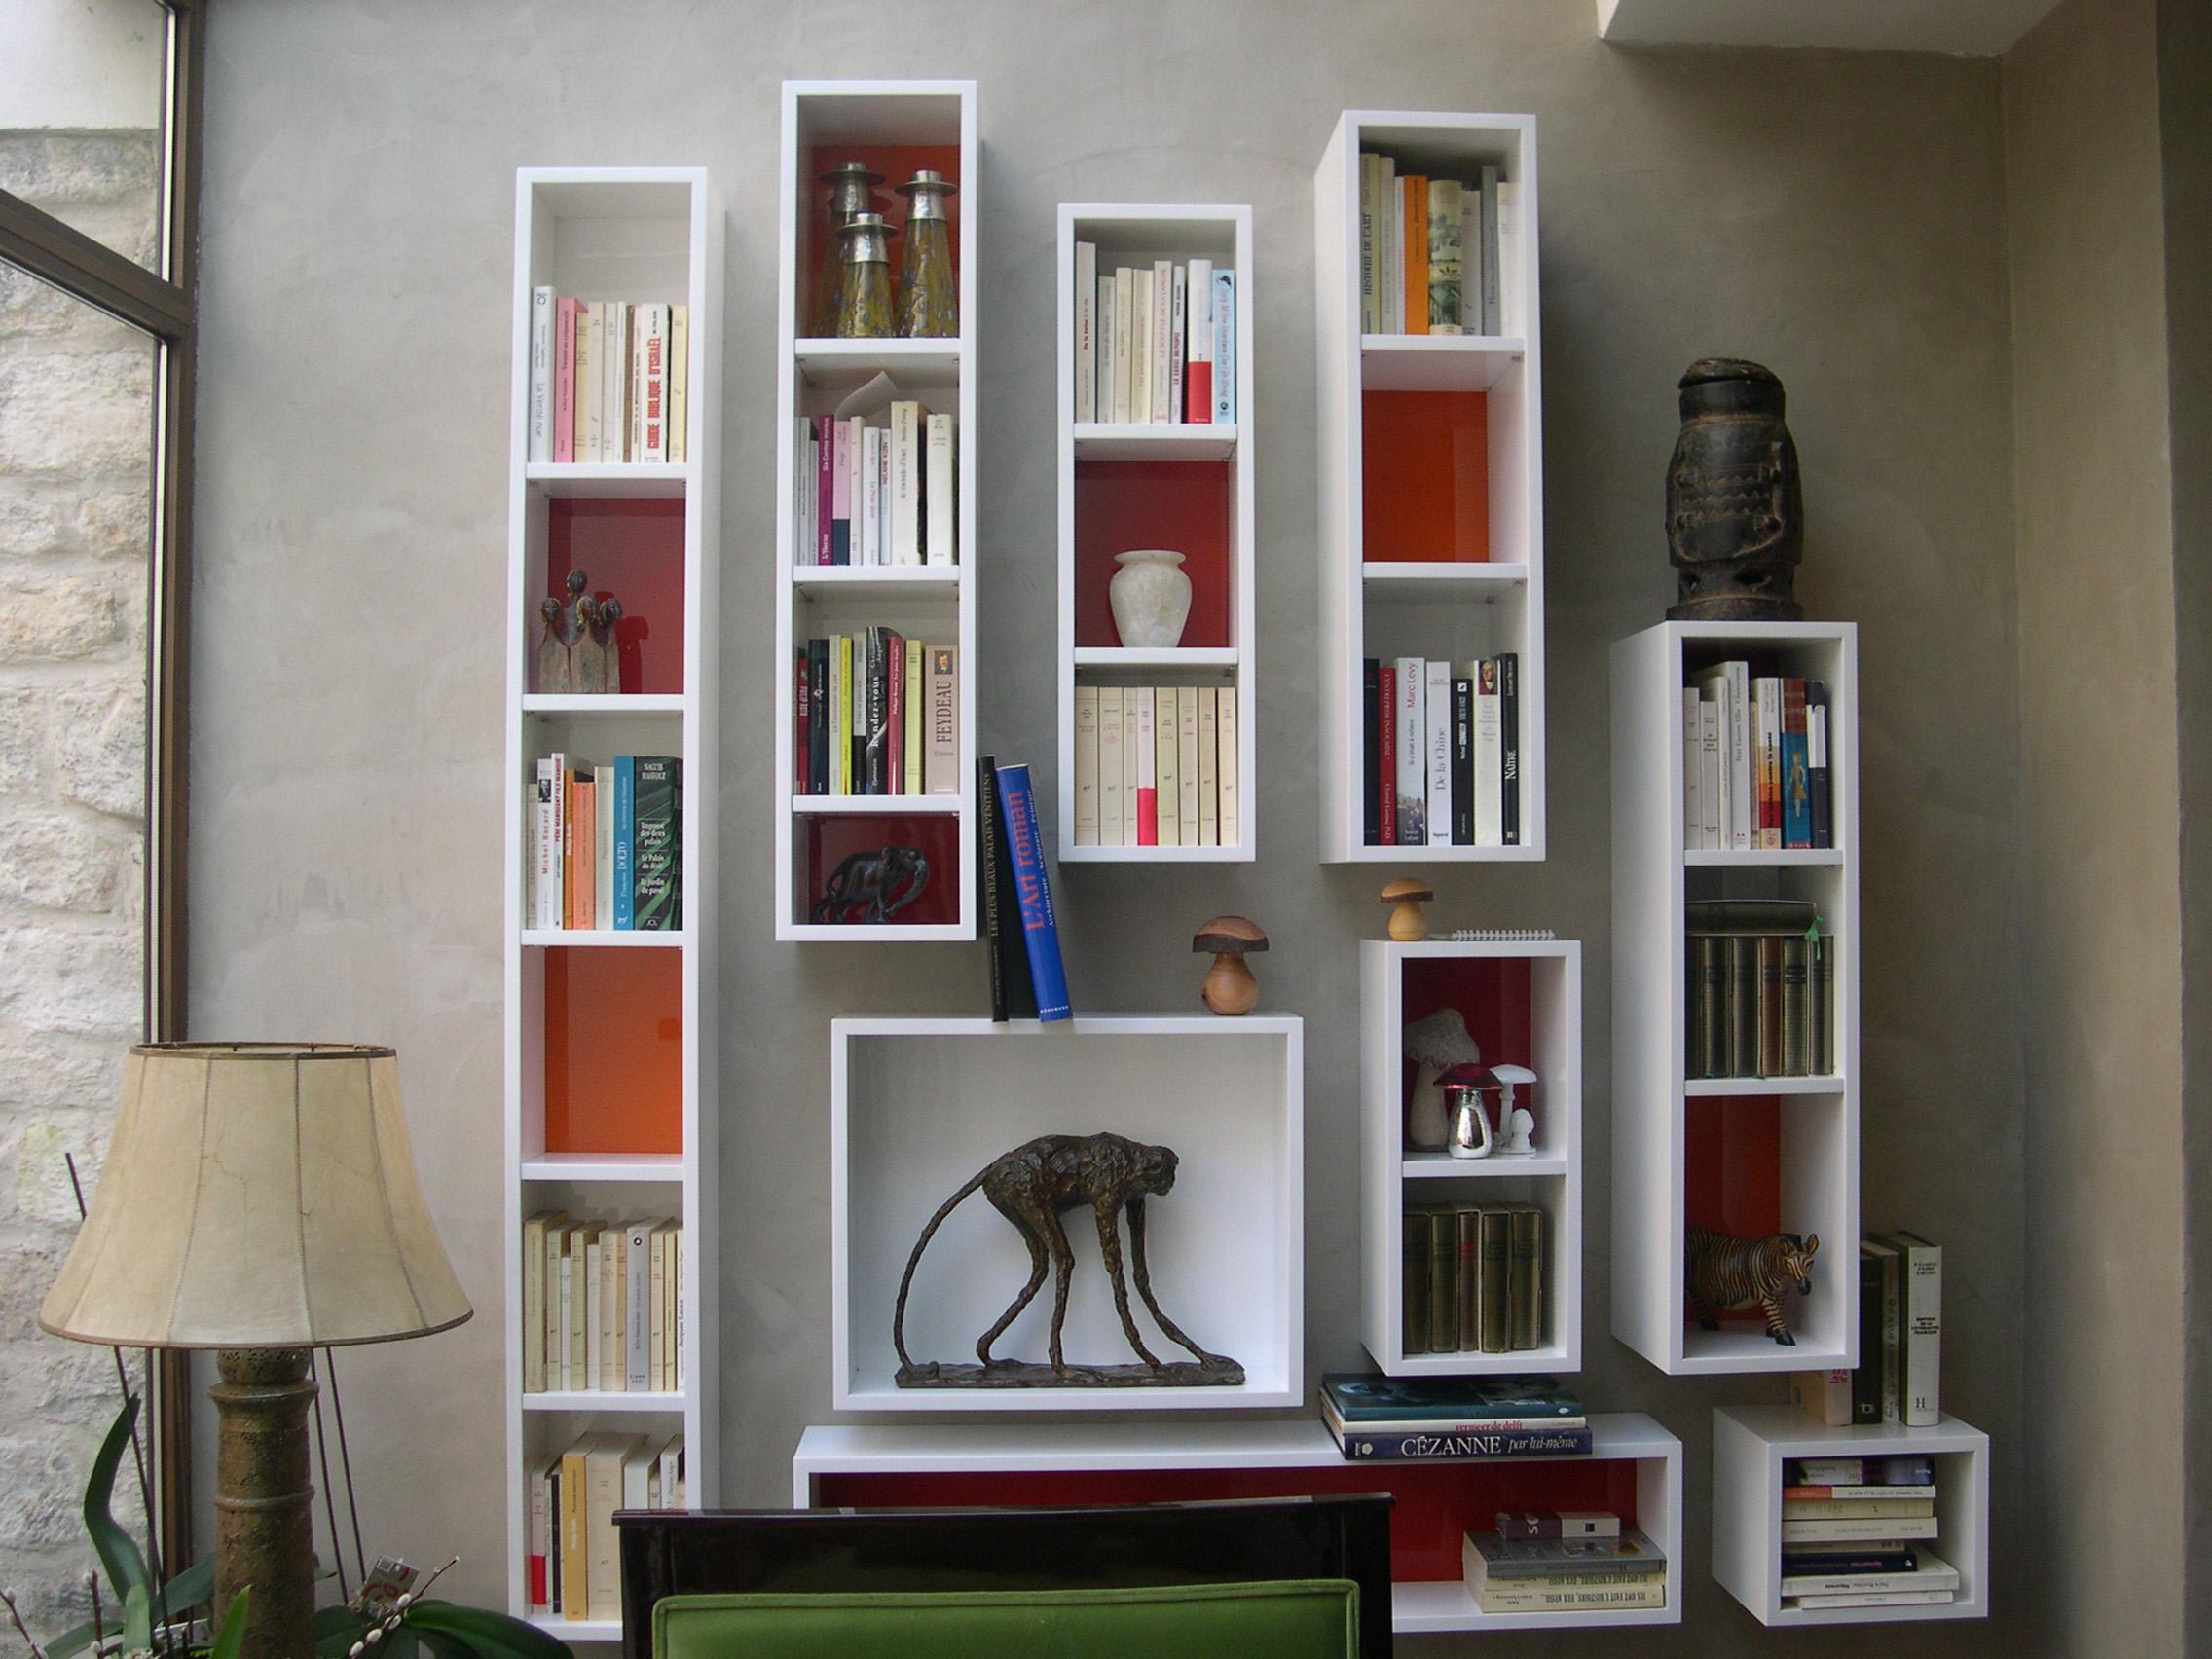 biblioth que laque mobilier art d co paris agencement xavier g lineau. Black Bedroom Furniture Sets. Home Design Ideas